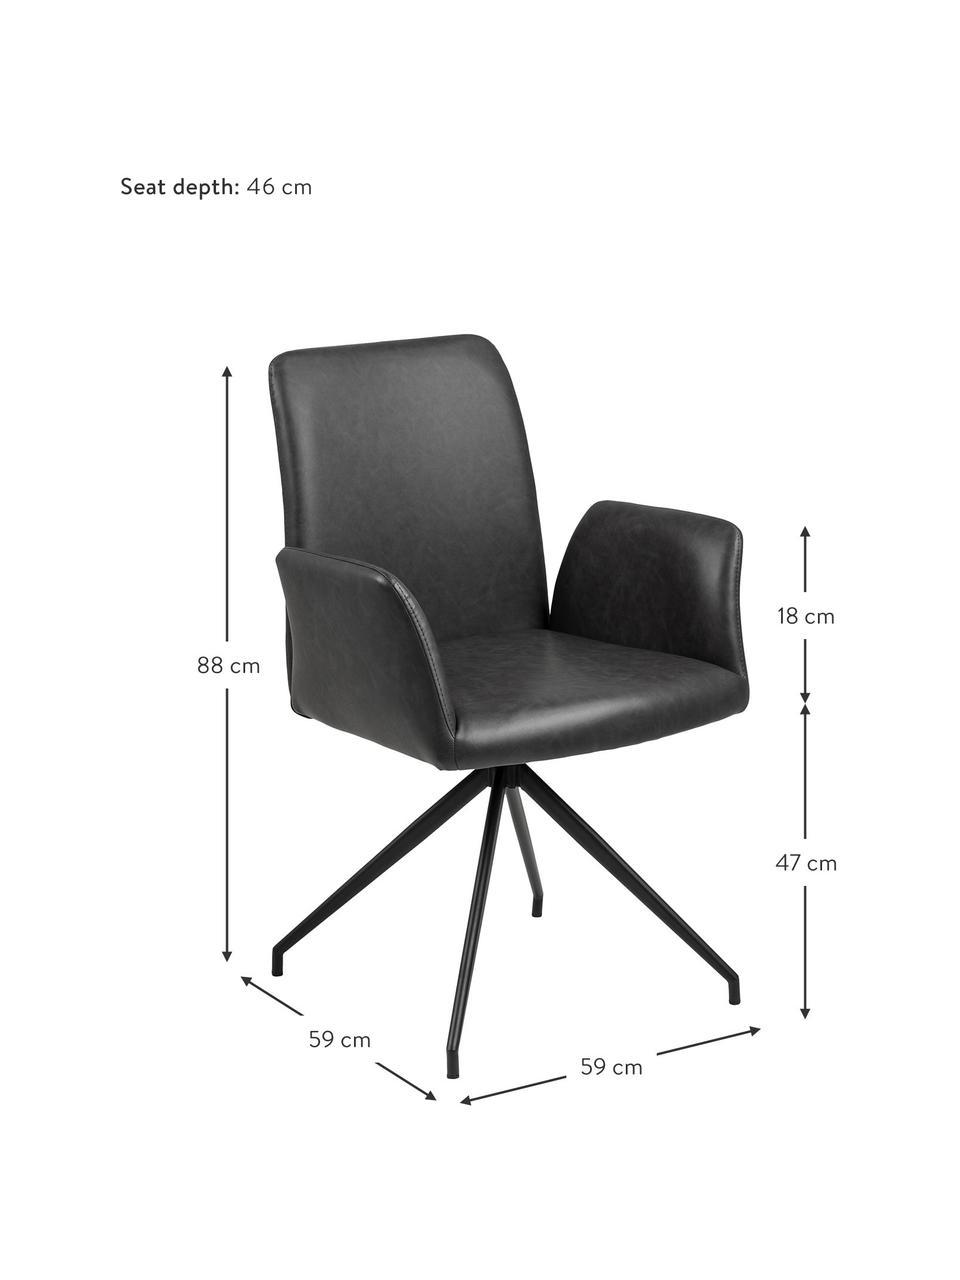 Krzesło obrotowe ze sztucznej skóry Naya, Tapicerka: sztuczna skóra, Stelaż: metal malowany proszkowo, Czarny, S 59 x G 59 cm